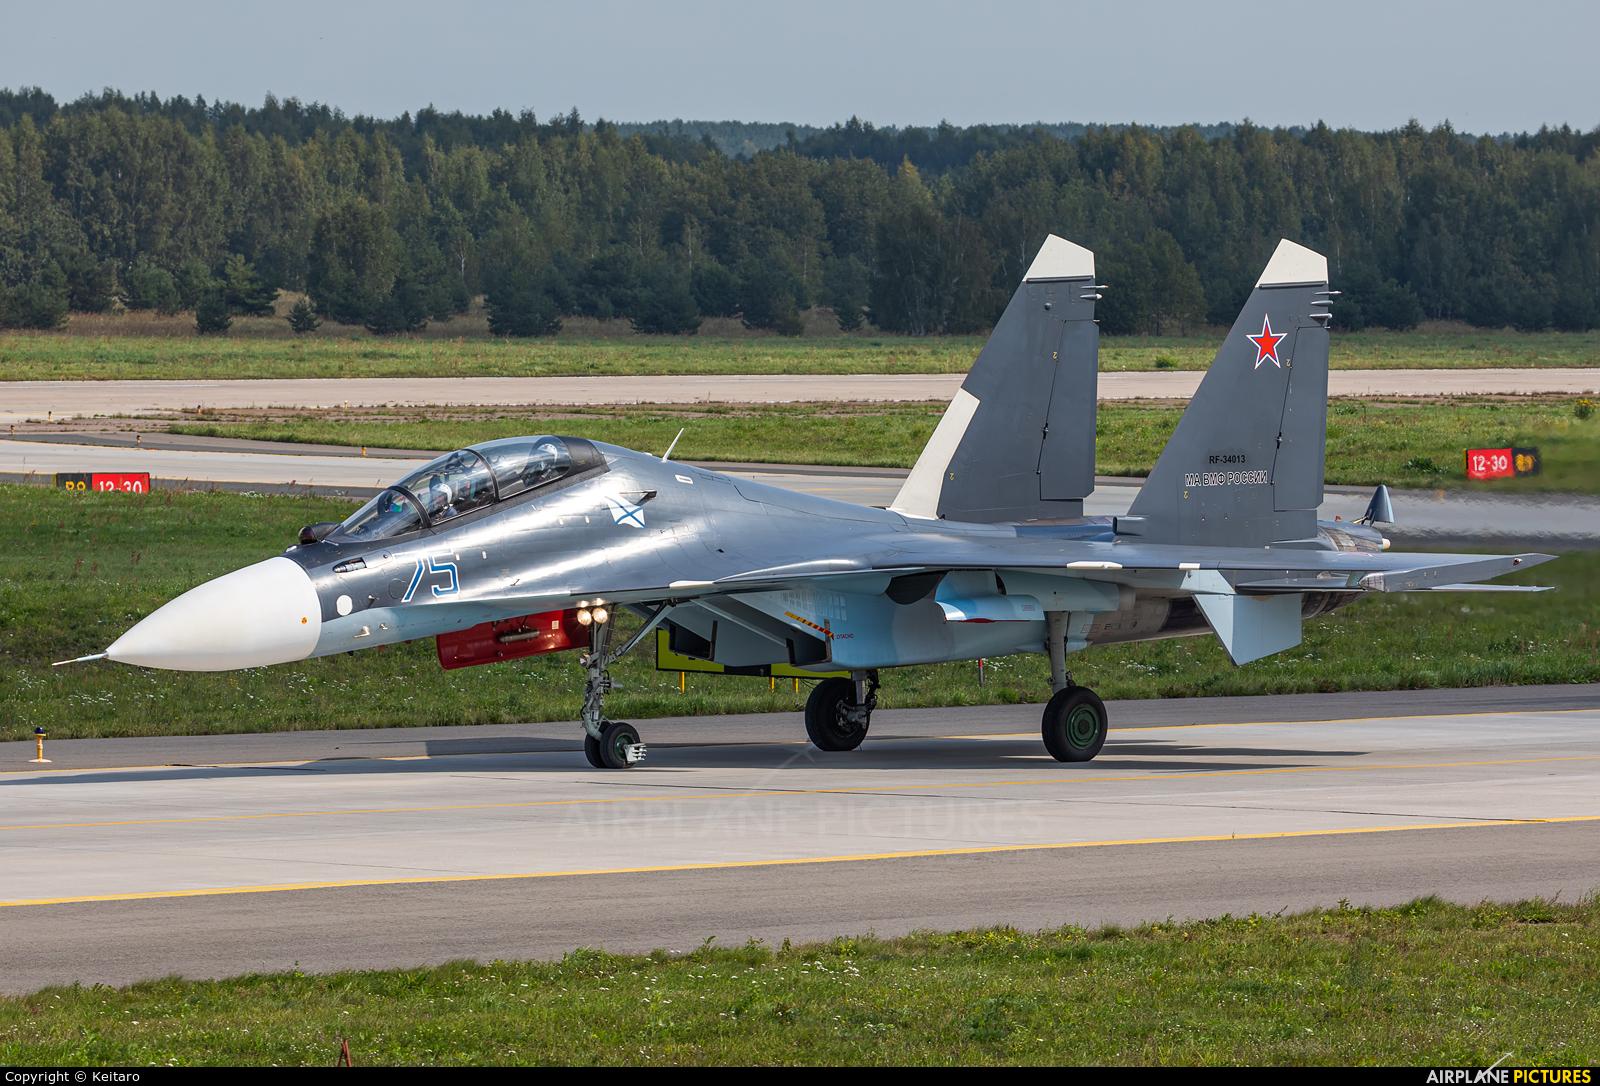 Russia - Navy RF-34013 aircraft at Ramenskoye - Zhukovsky